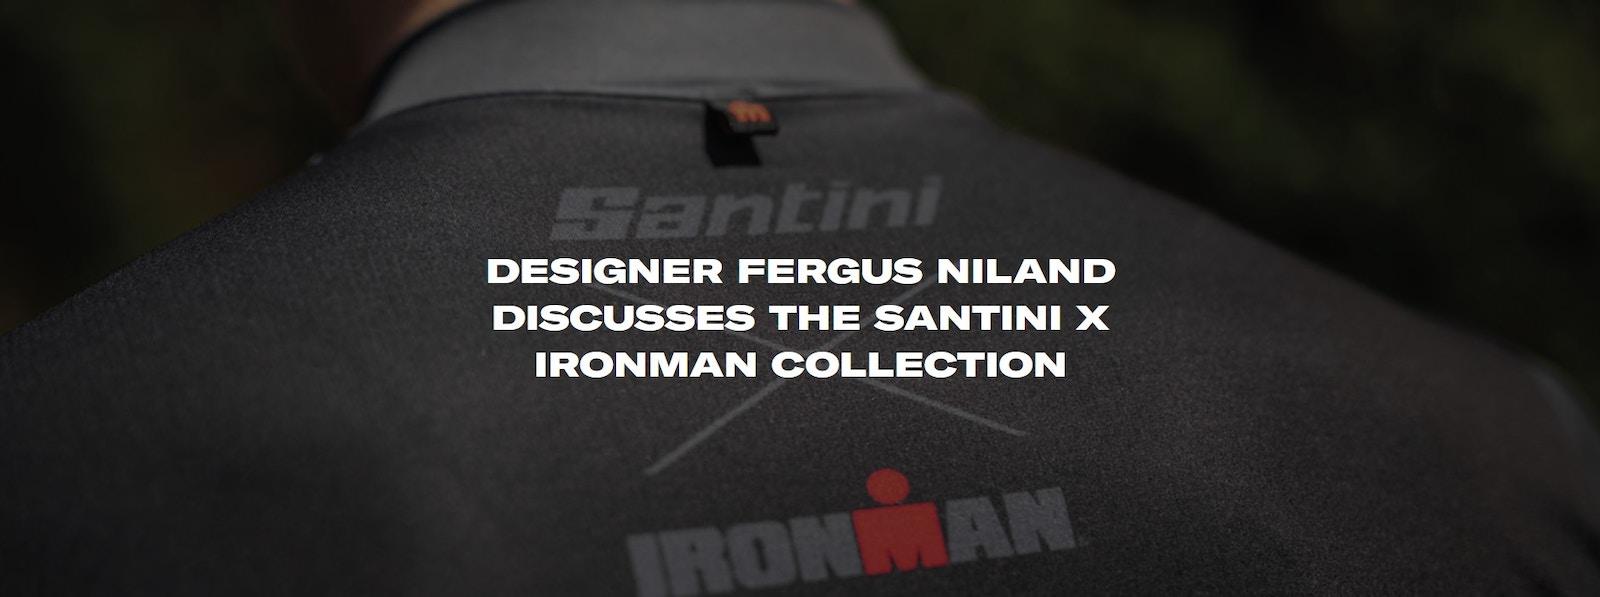 DESIGNER FERGUS NILAND DISCUSSES THE SANTINI X IRONMAN COLLECTION